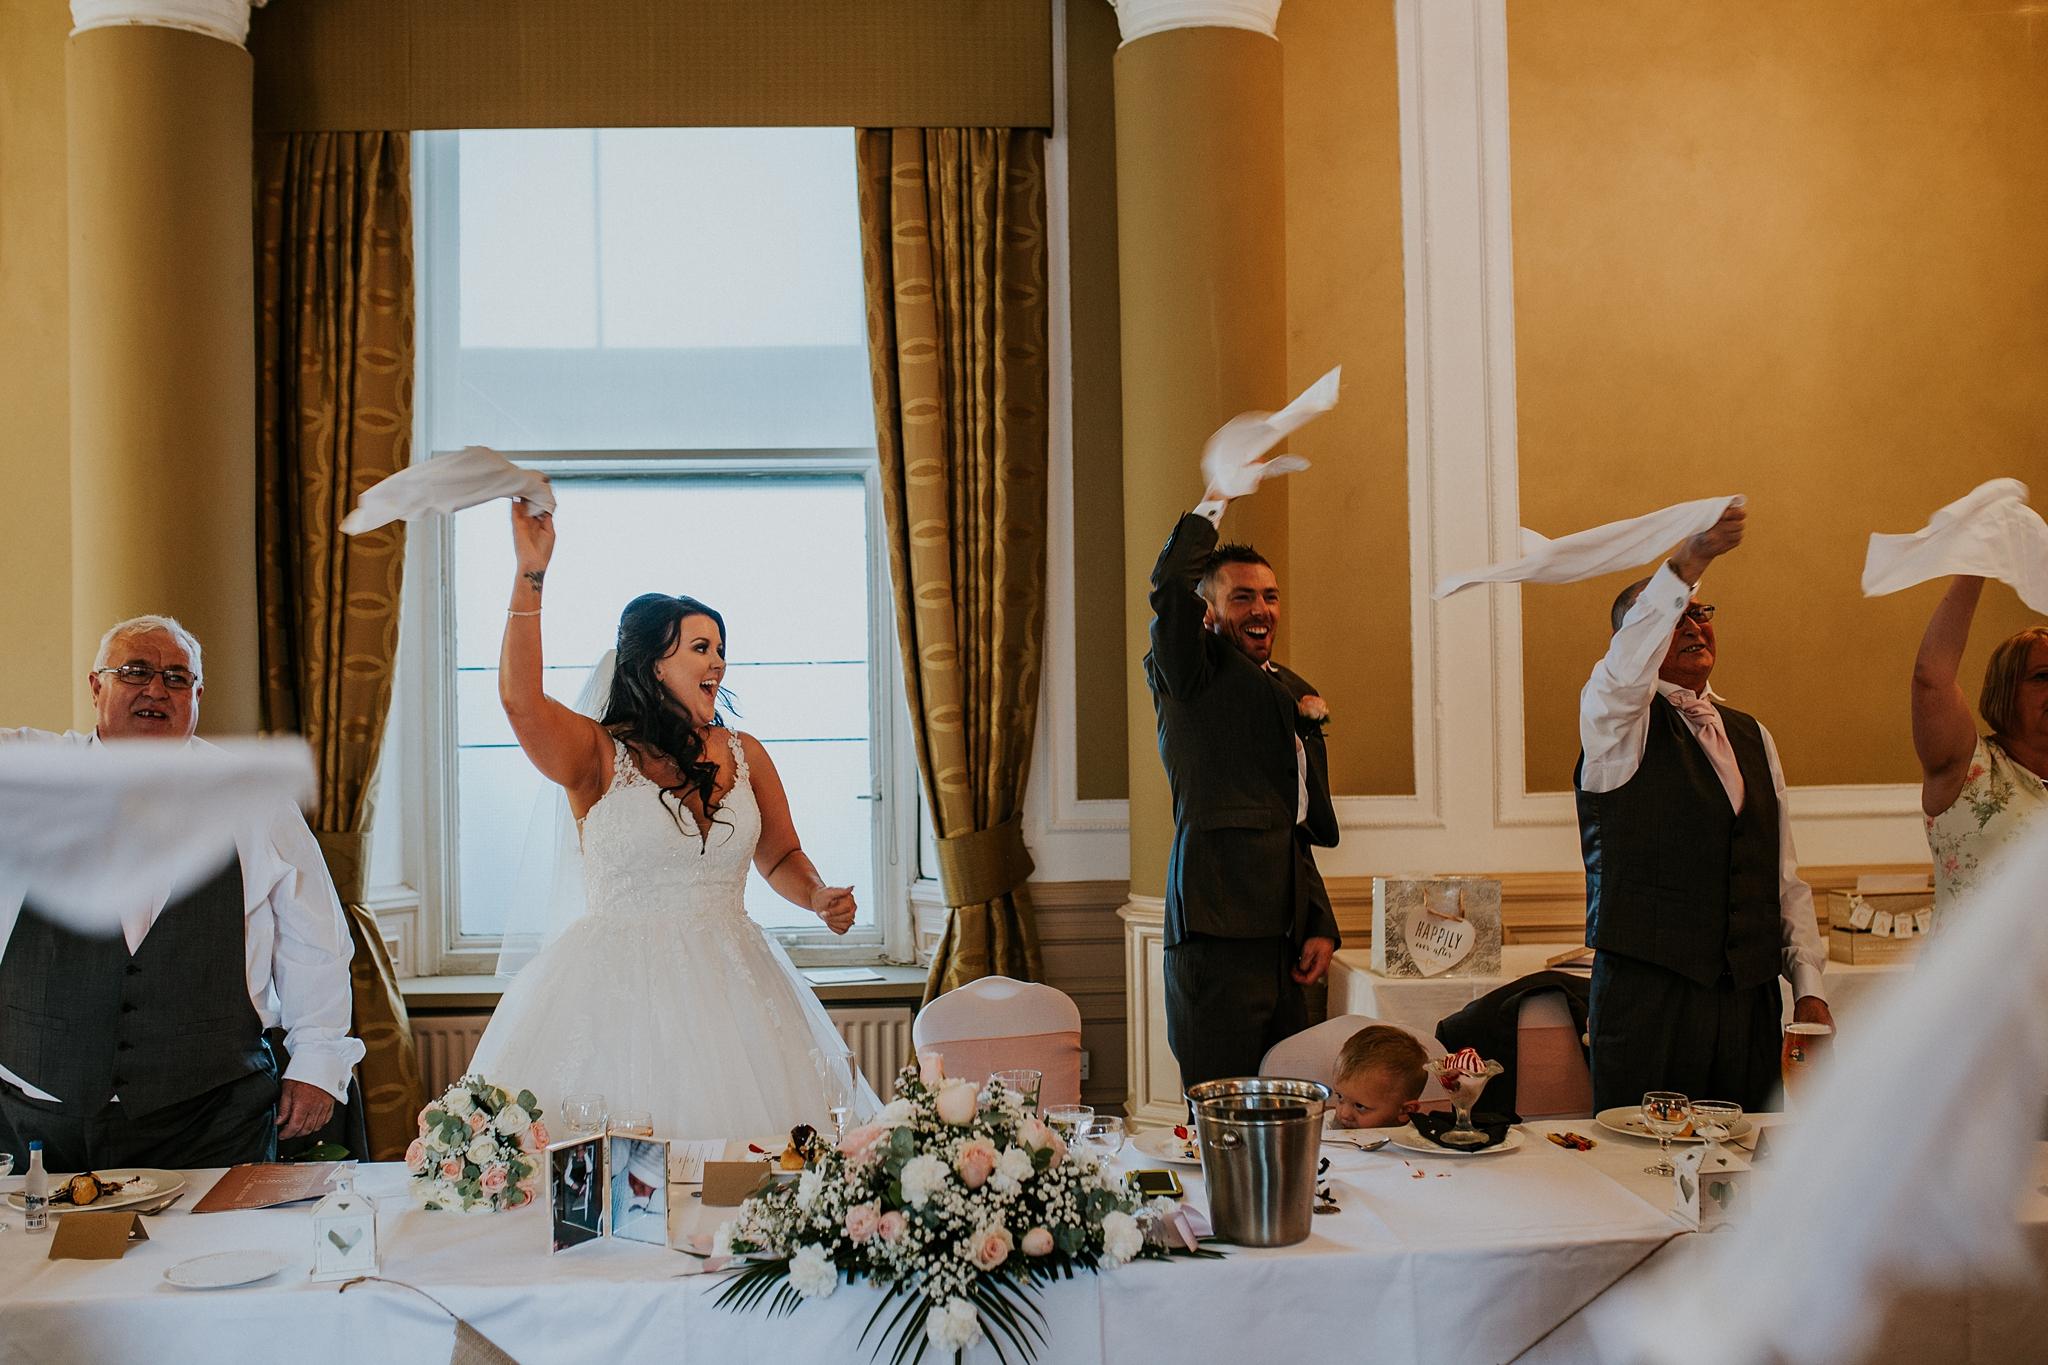 newcastle_upon_tyne_wedding_photographer-54.JPG